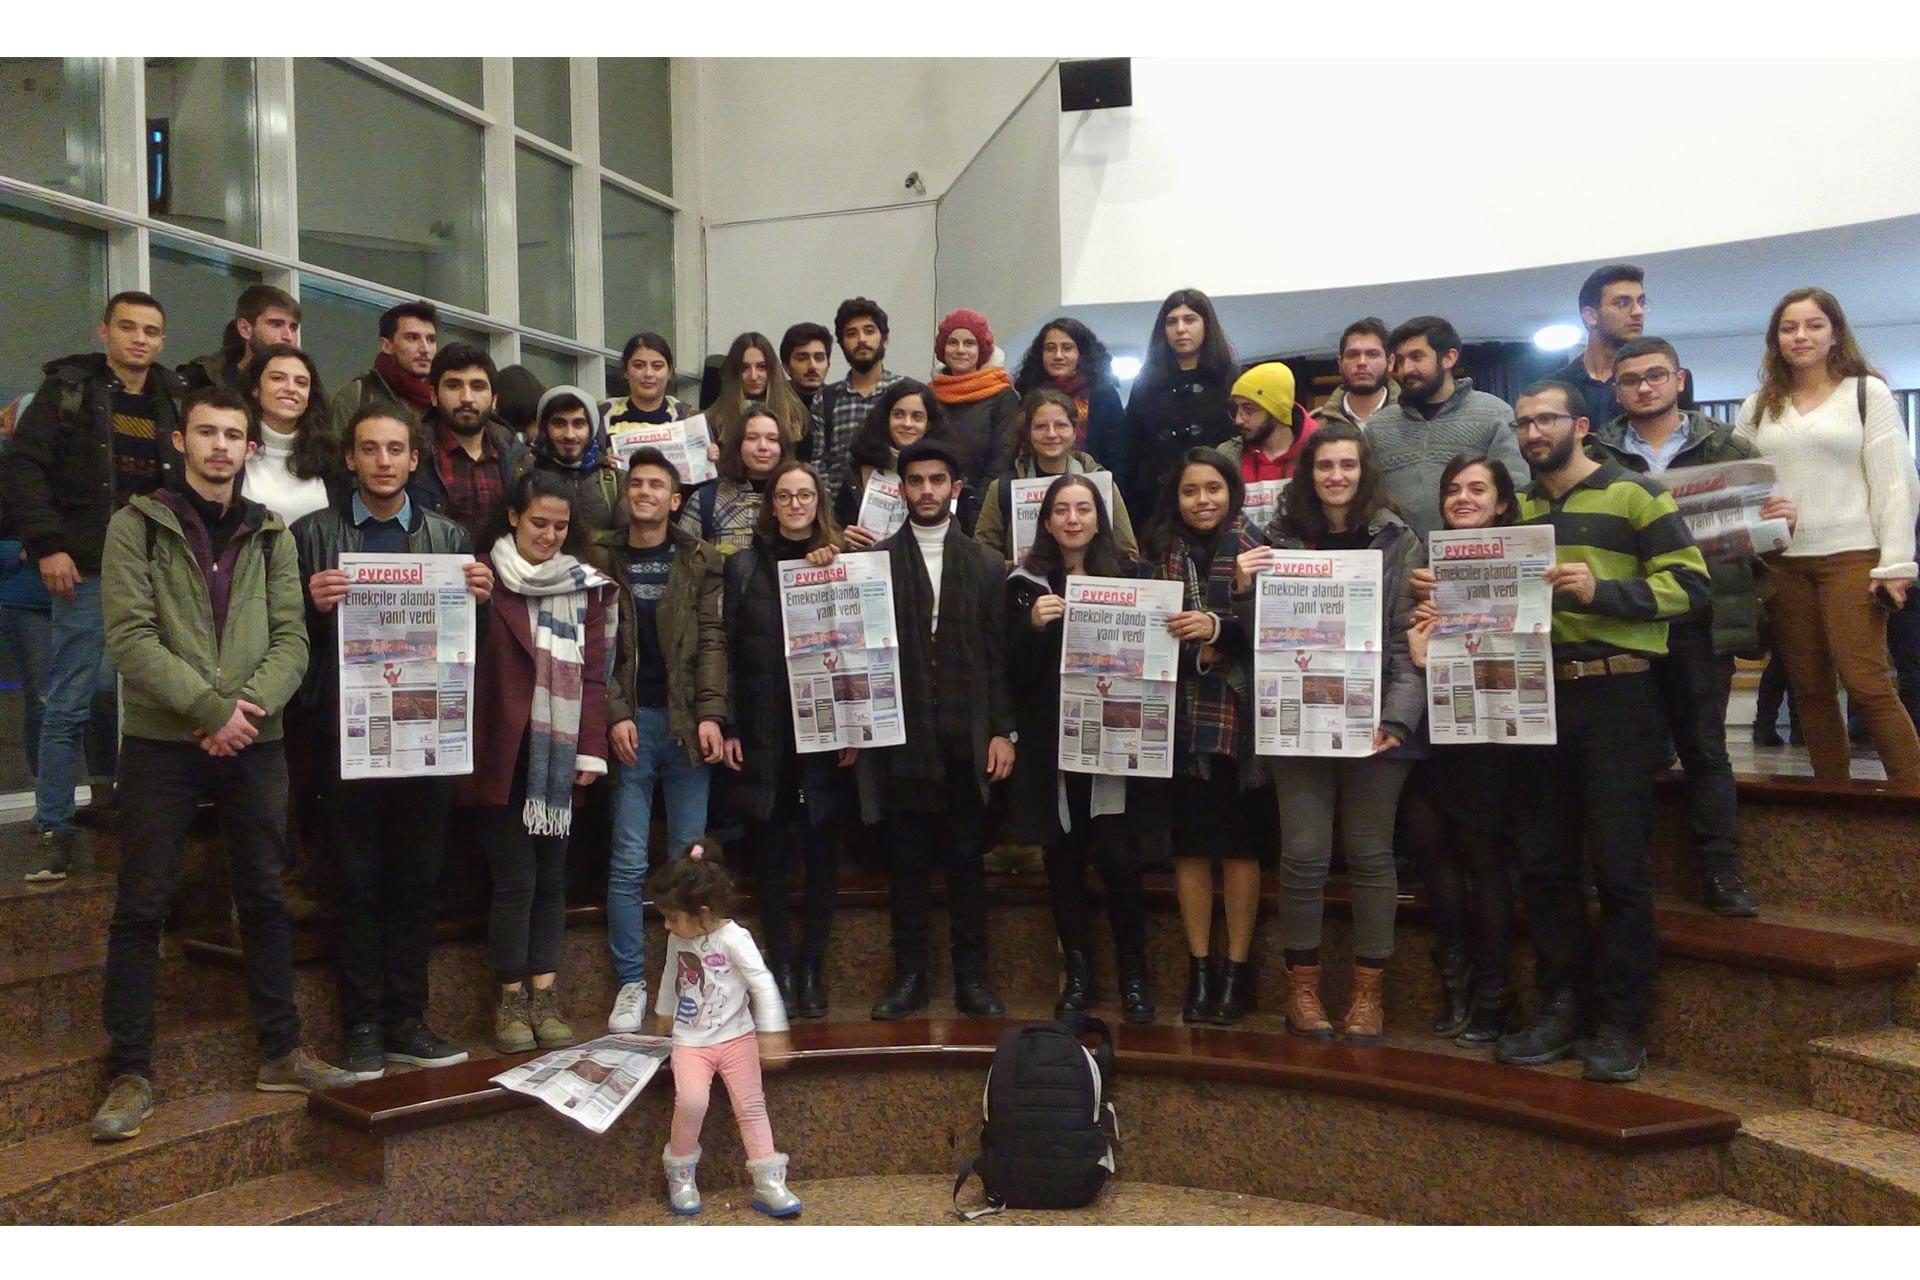 Ankara'da düzenlenen Evrensel ile dayanışma etkinliğine katılanlar ellerindeki Evrensel gazeteleri ile hatıra fotoğrafı çektirirken